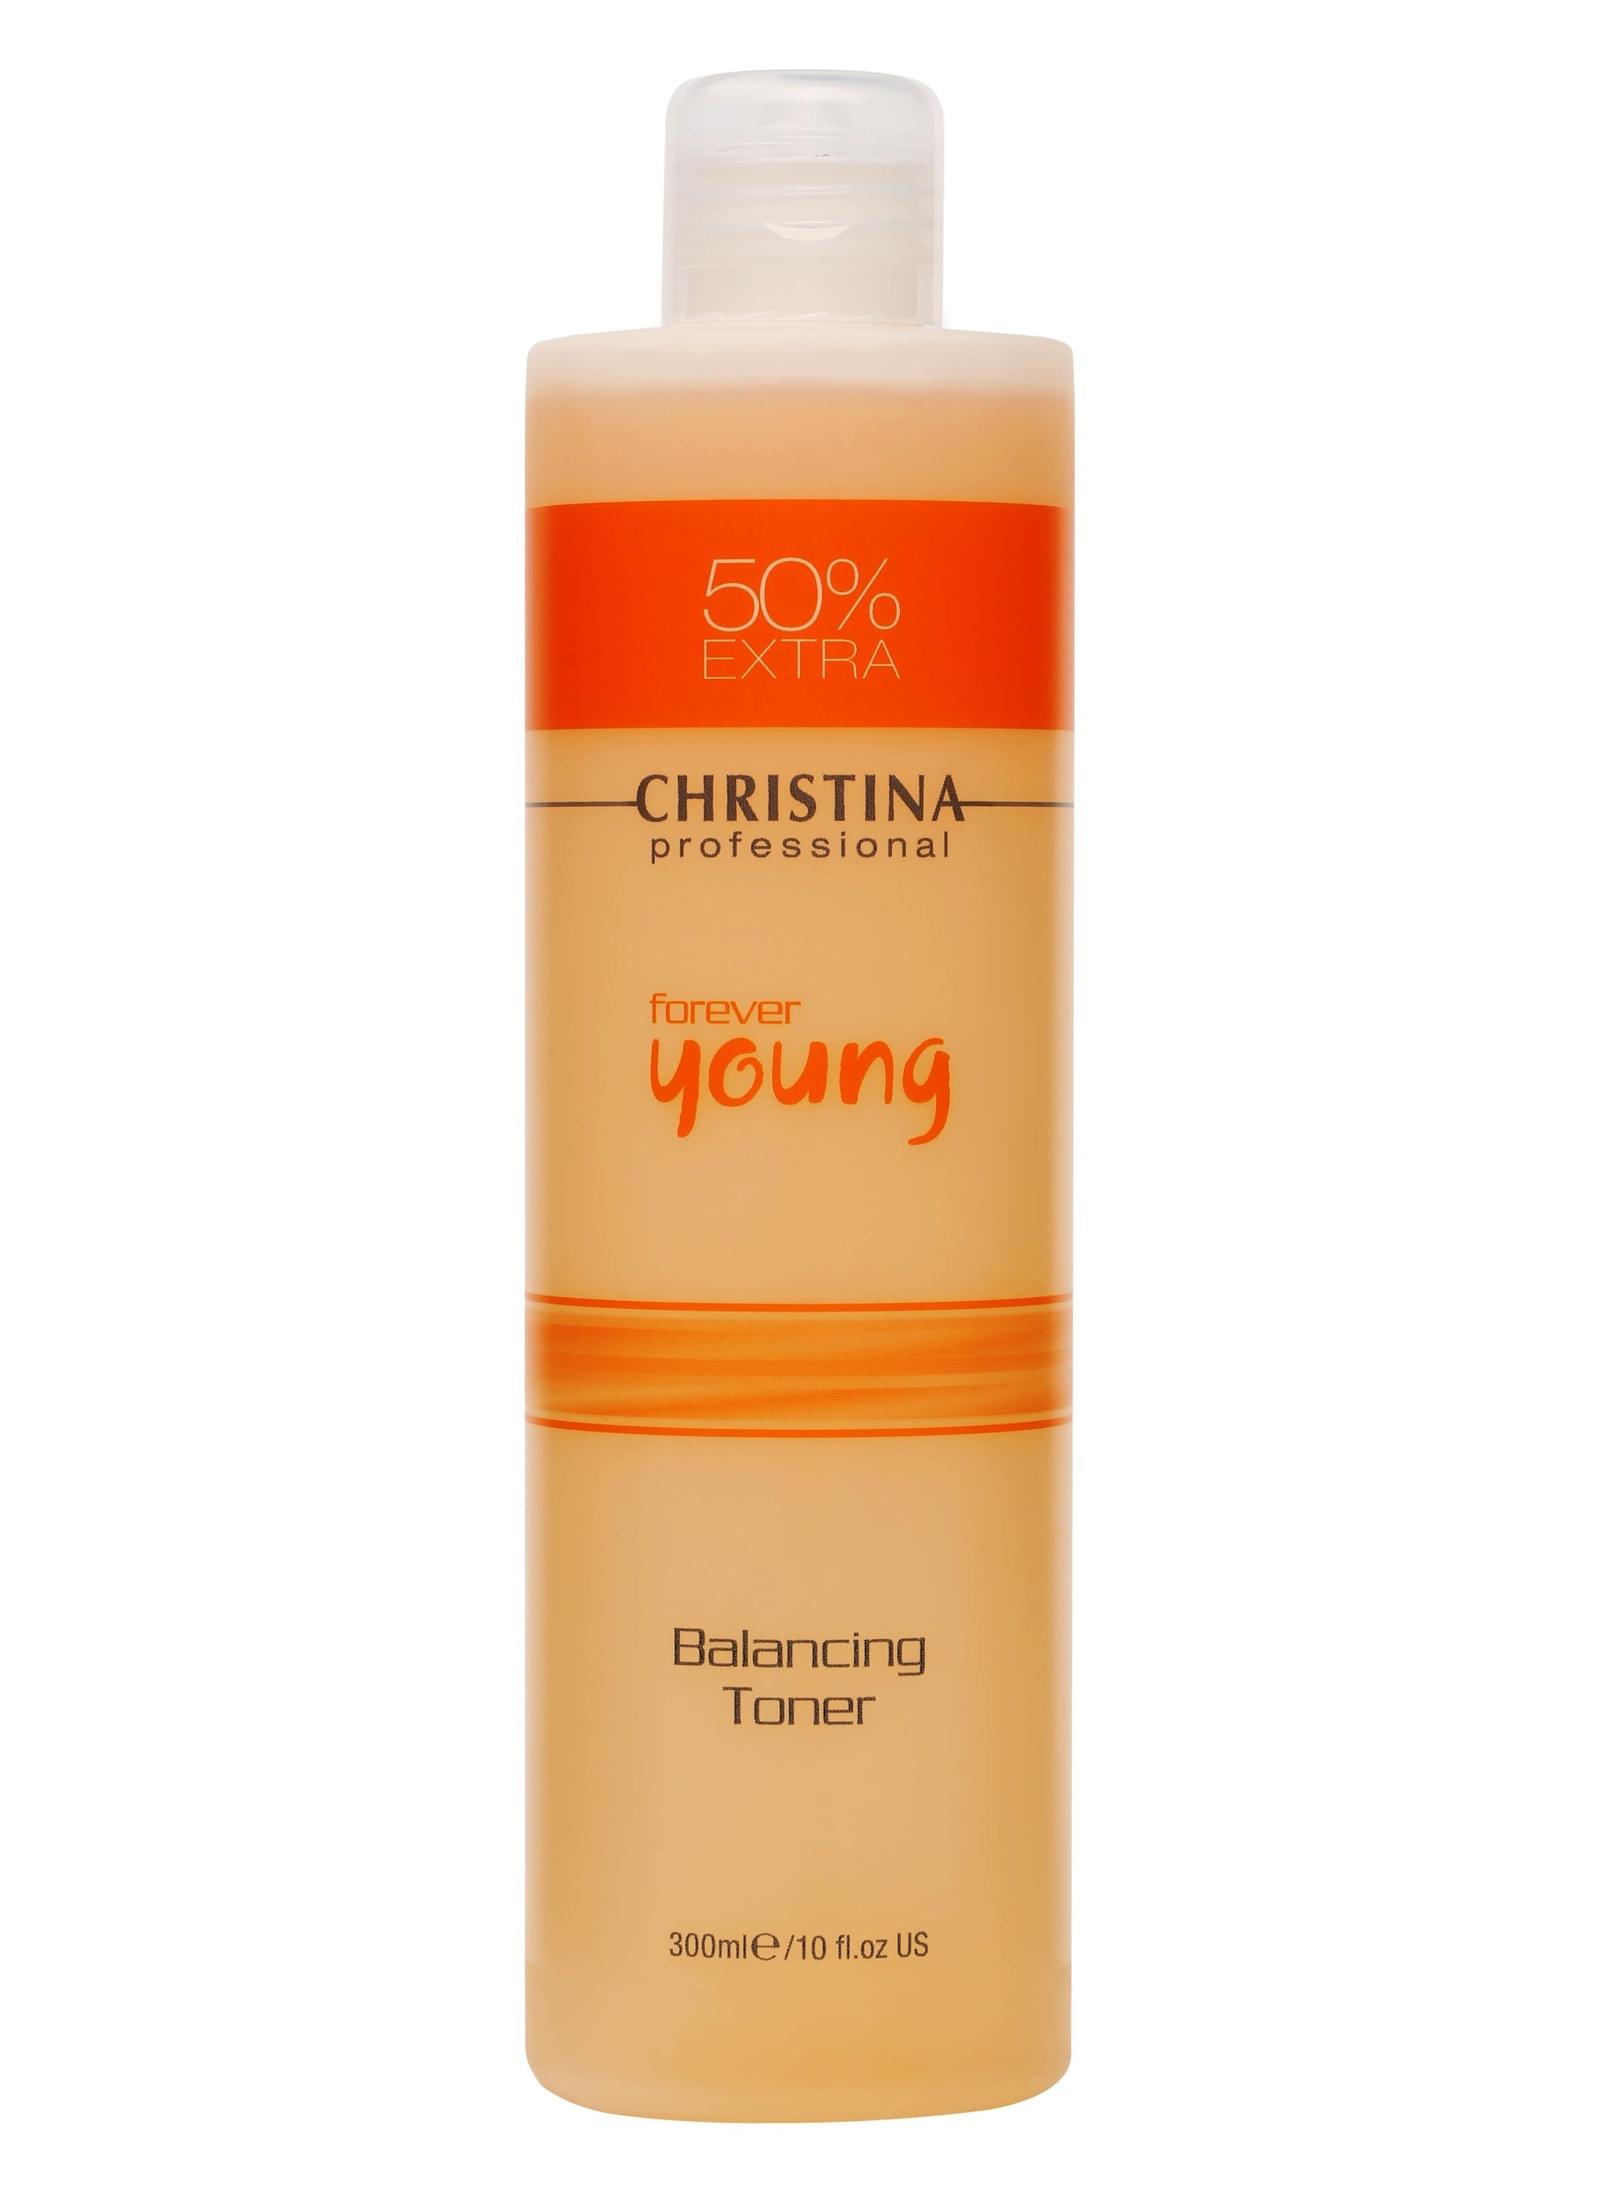 Тоник для лица CHRISTINA Балансирующий тоник Forever Young Balancing Toner очищающий тоник для лица балансирующий christina comodex purify